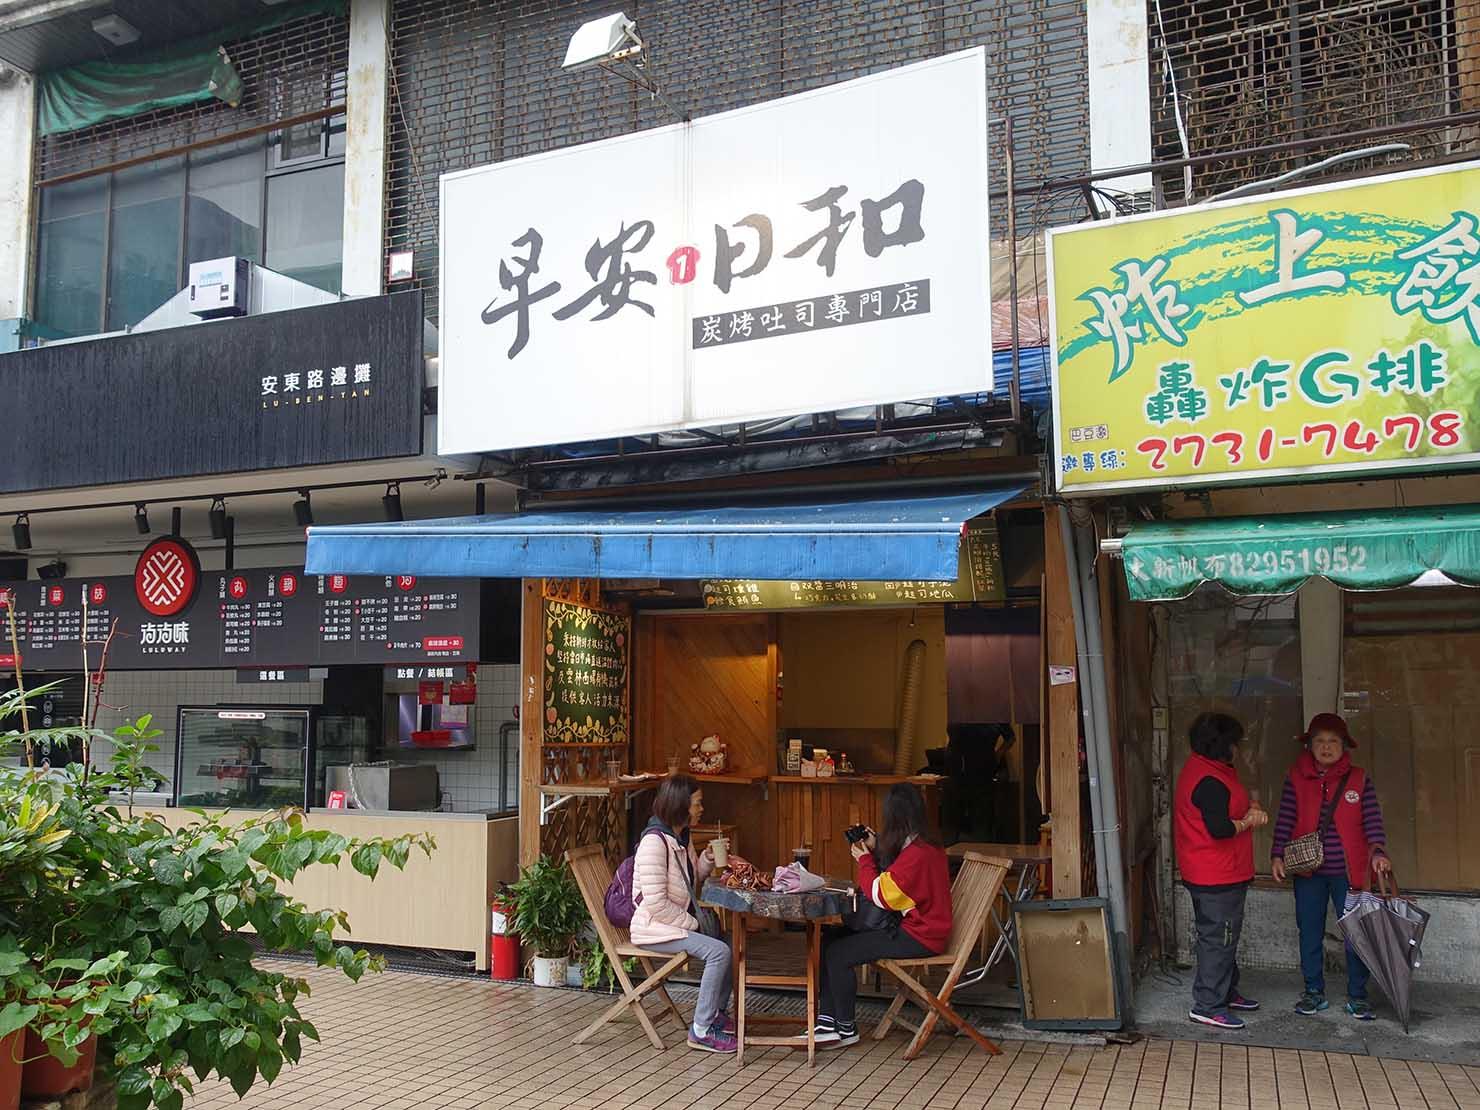 台北・忠孝復興駅(東區)のおすすめグルメ店「早安日和」の外観